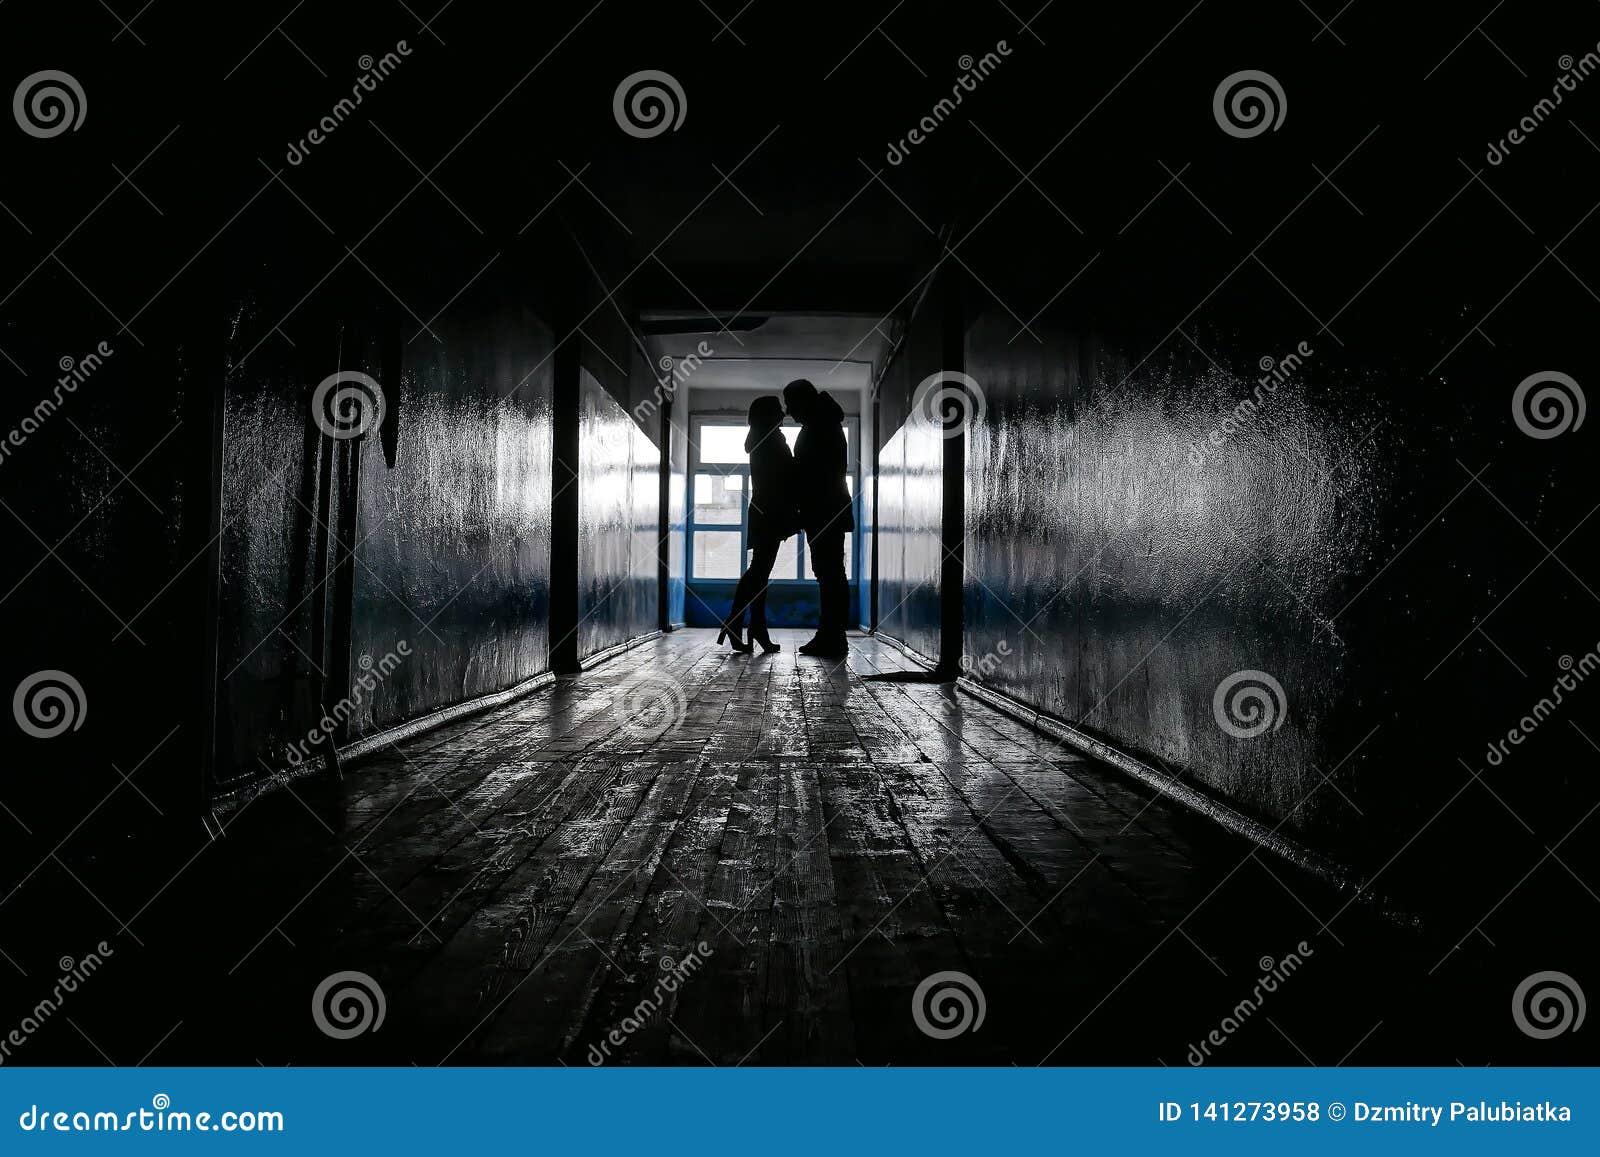 Силуэты 2 любовников в темном коридоре